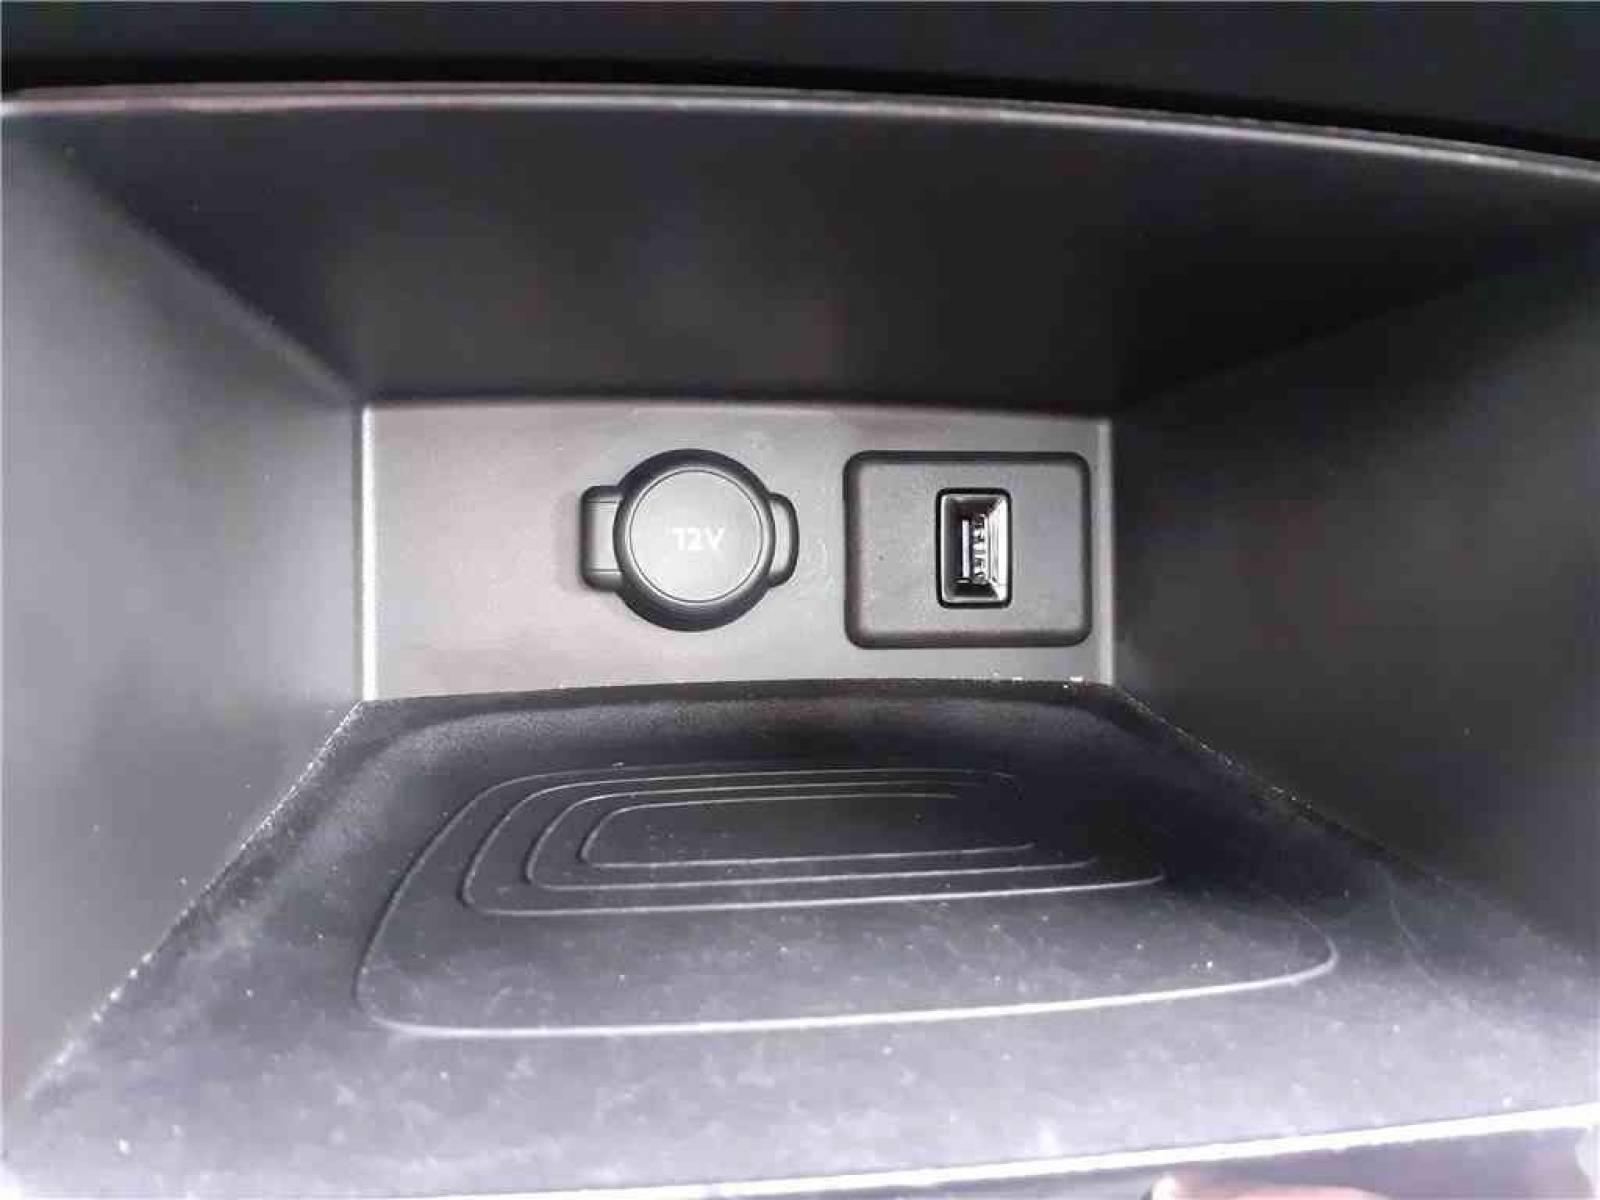 OPEL Grandland X 1.6 D 120 ch ECOTEC - véhicule d'occasion - Groupe Guillet - Opel Magicauto - Chalon-sur-Saône - 71380 - Saint-Marcel - 47